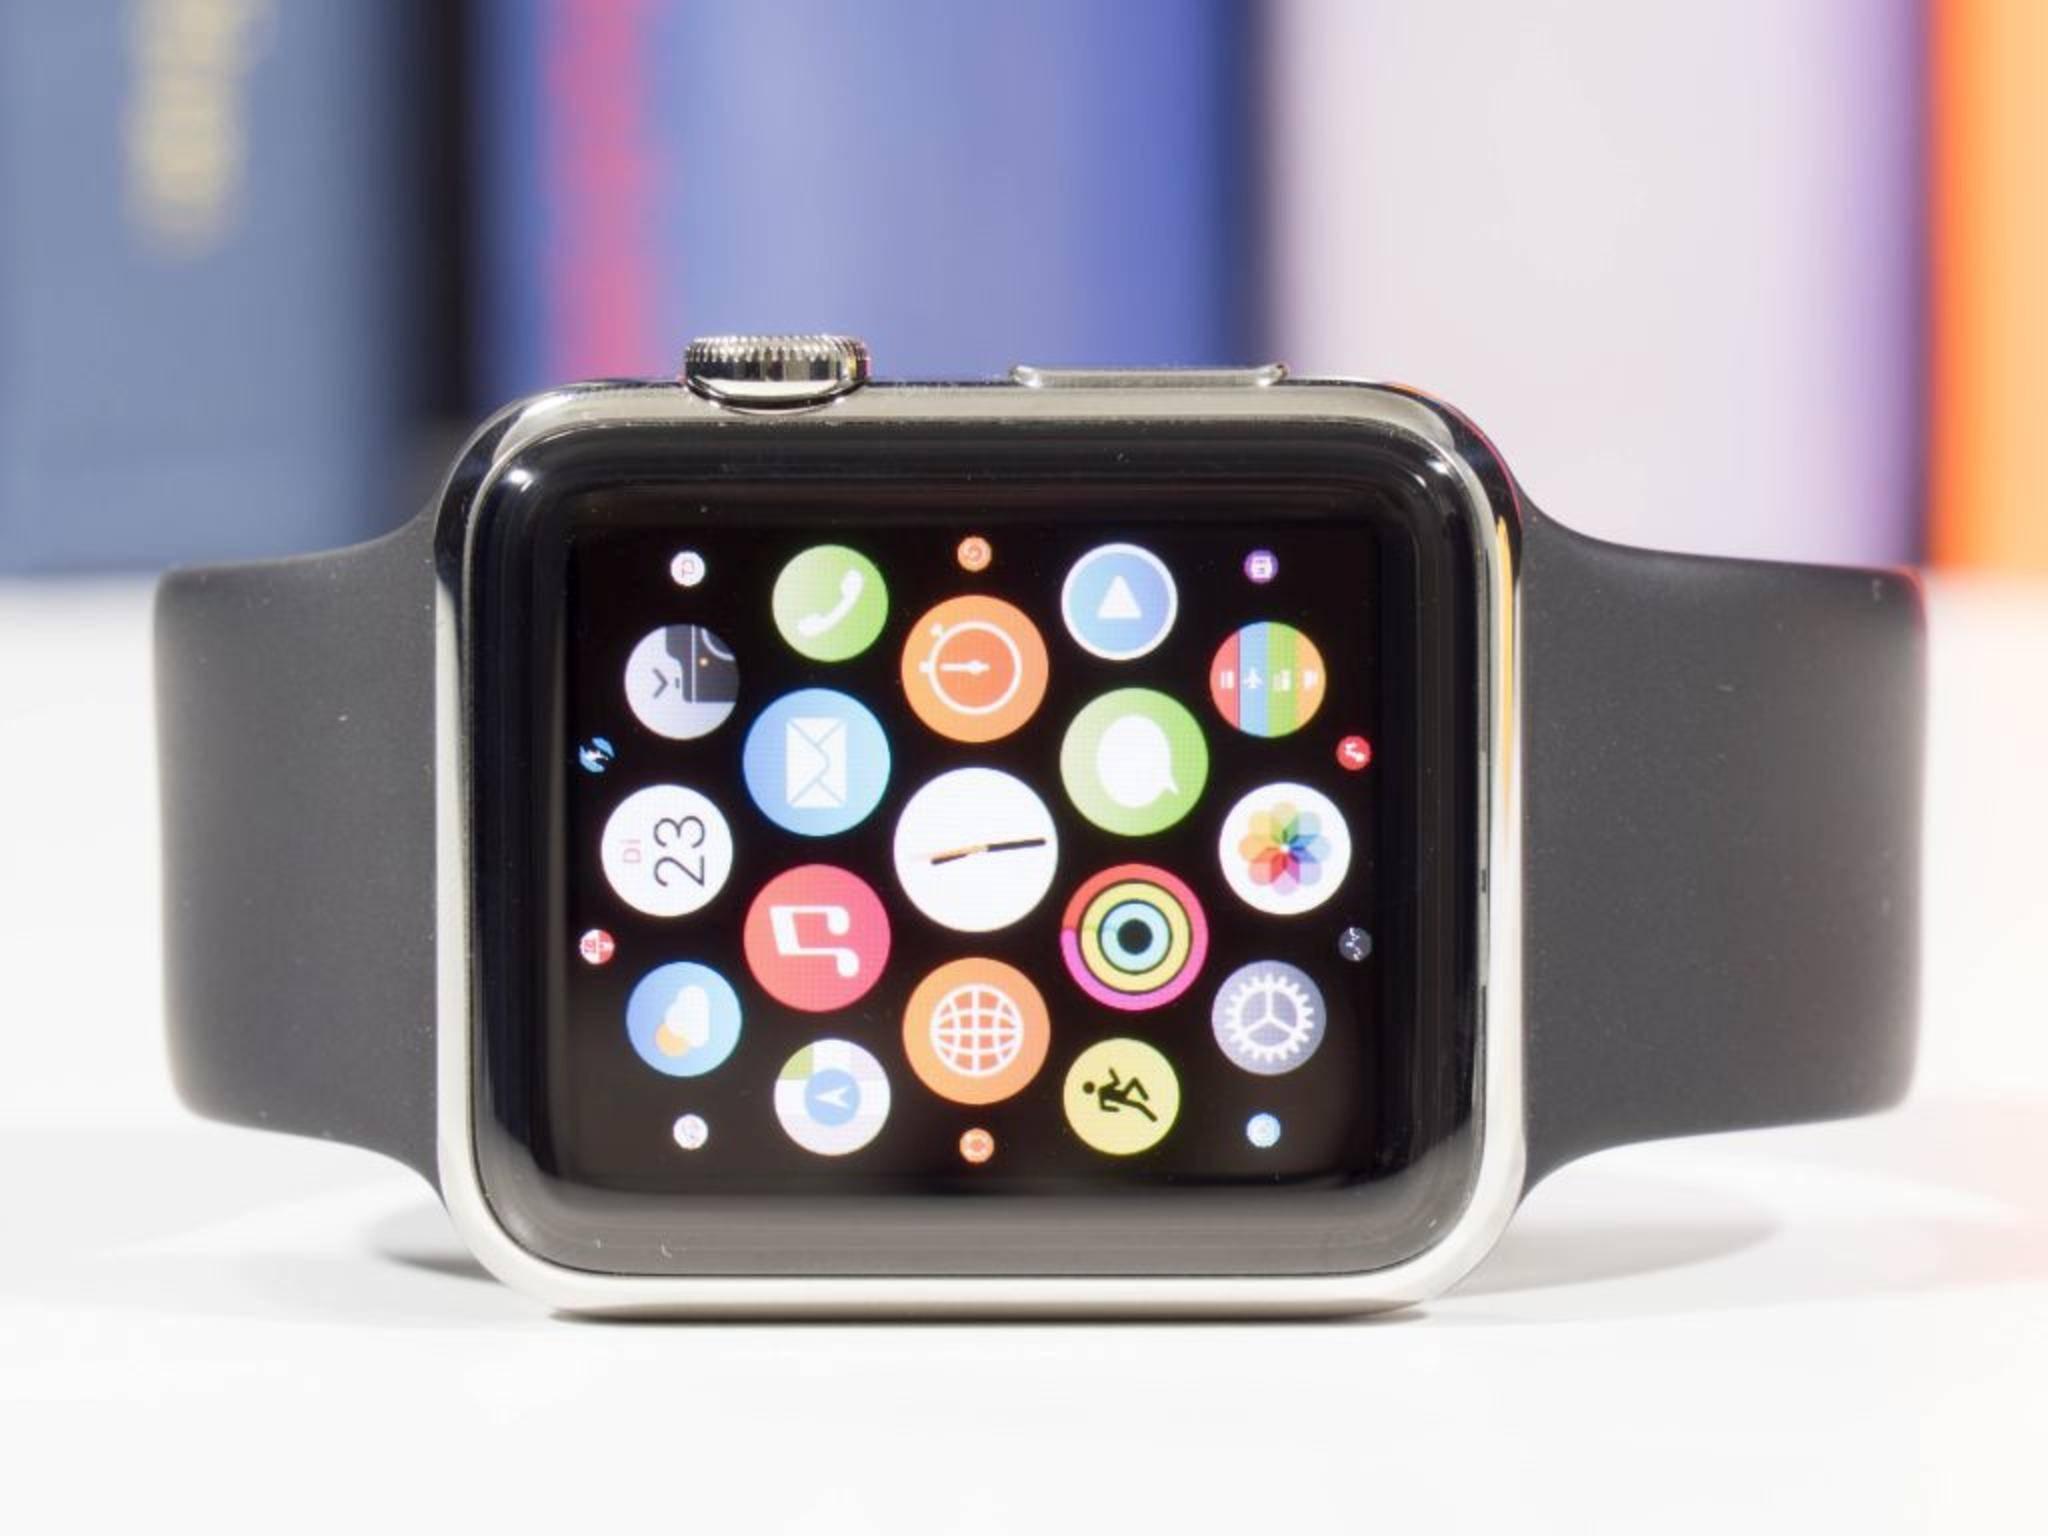 Die erste Apple Watch blieb hinter den Erwartungen zurück.